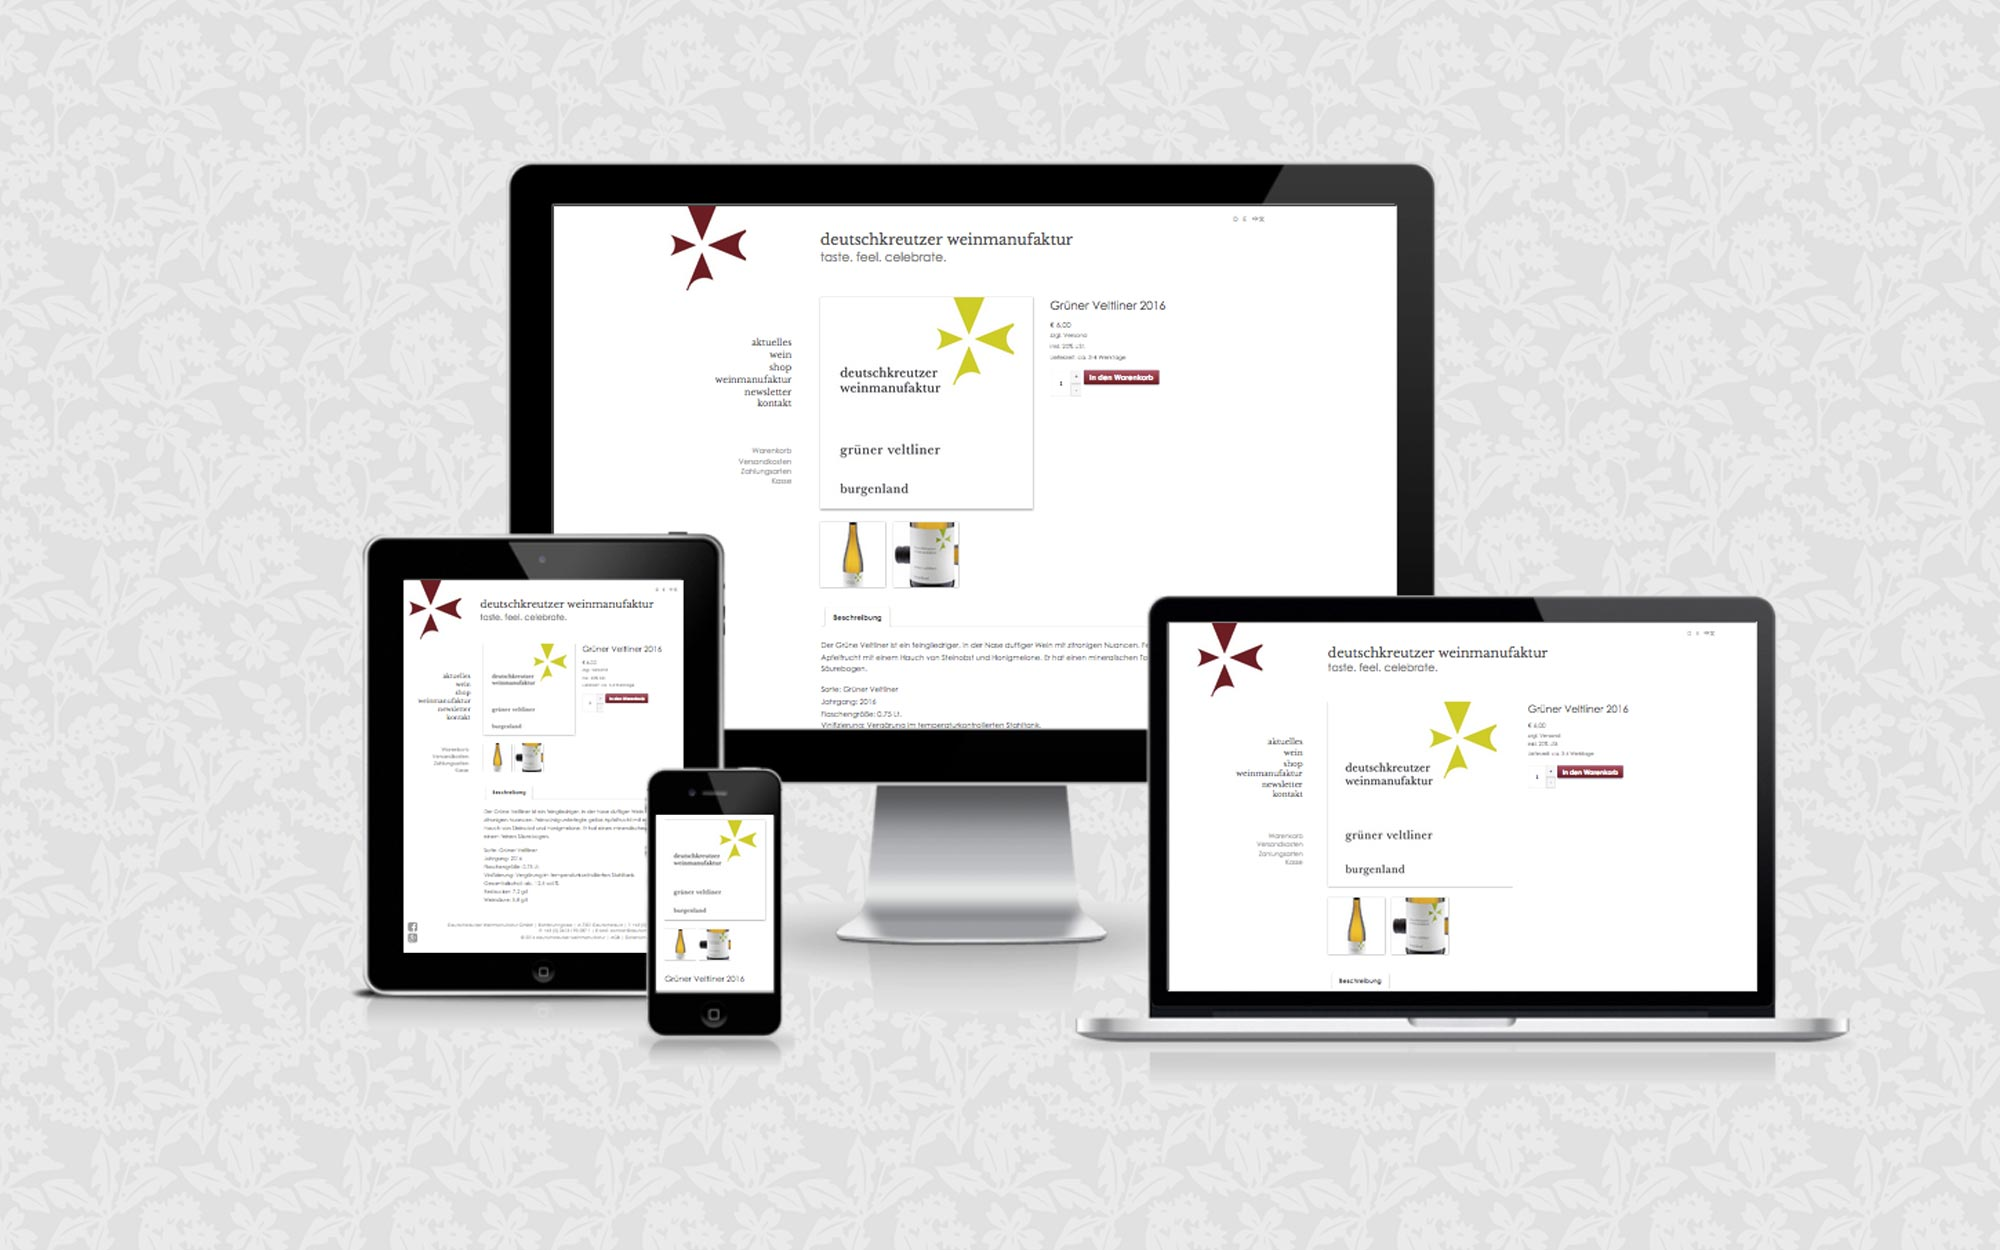 Website für die Deutschkreutzer Weinmanufaktur